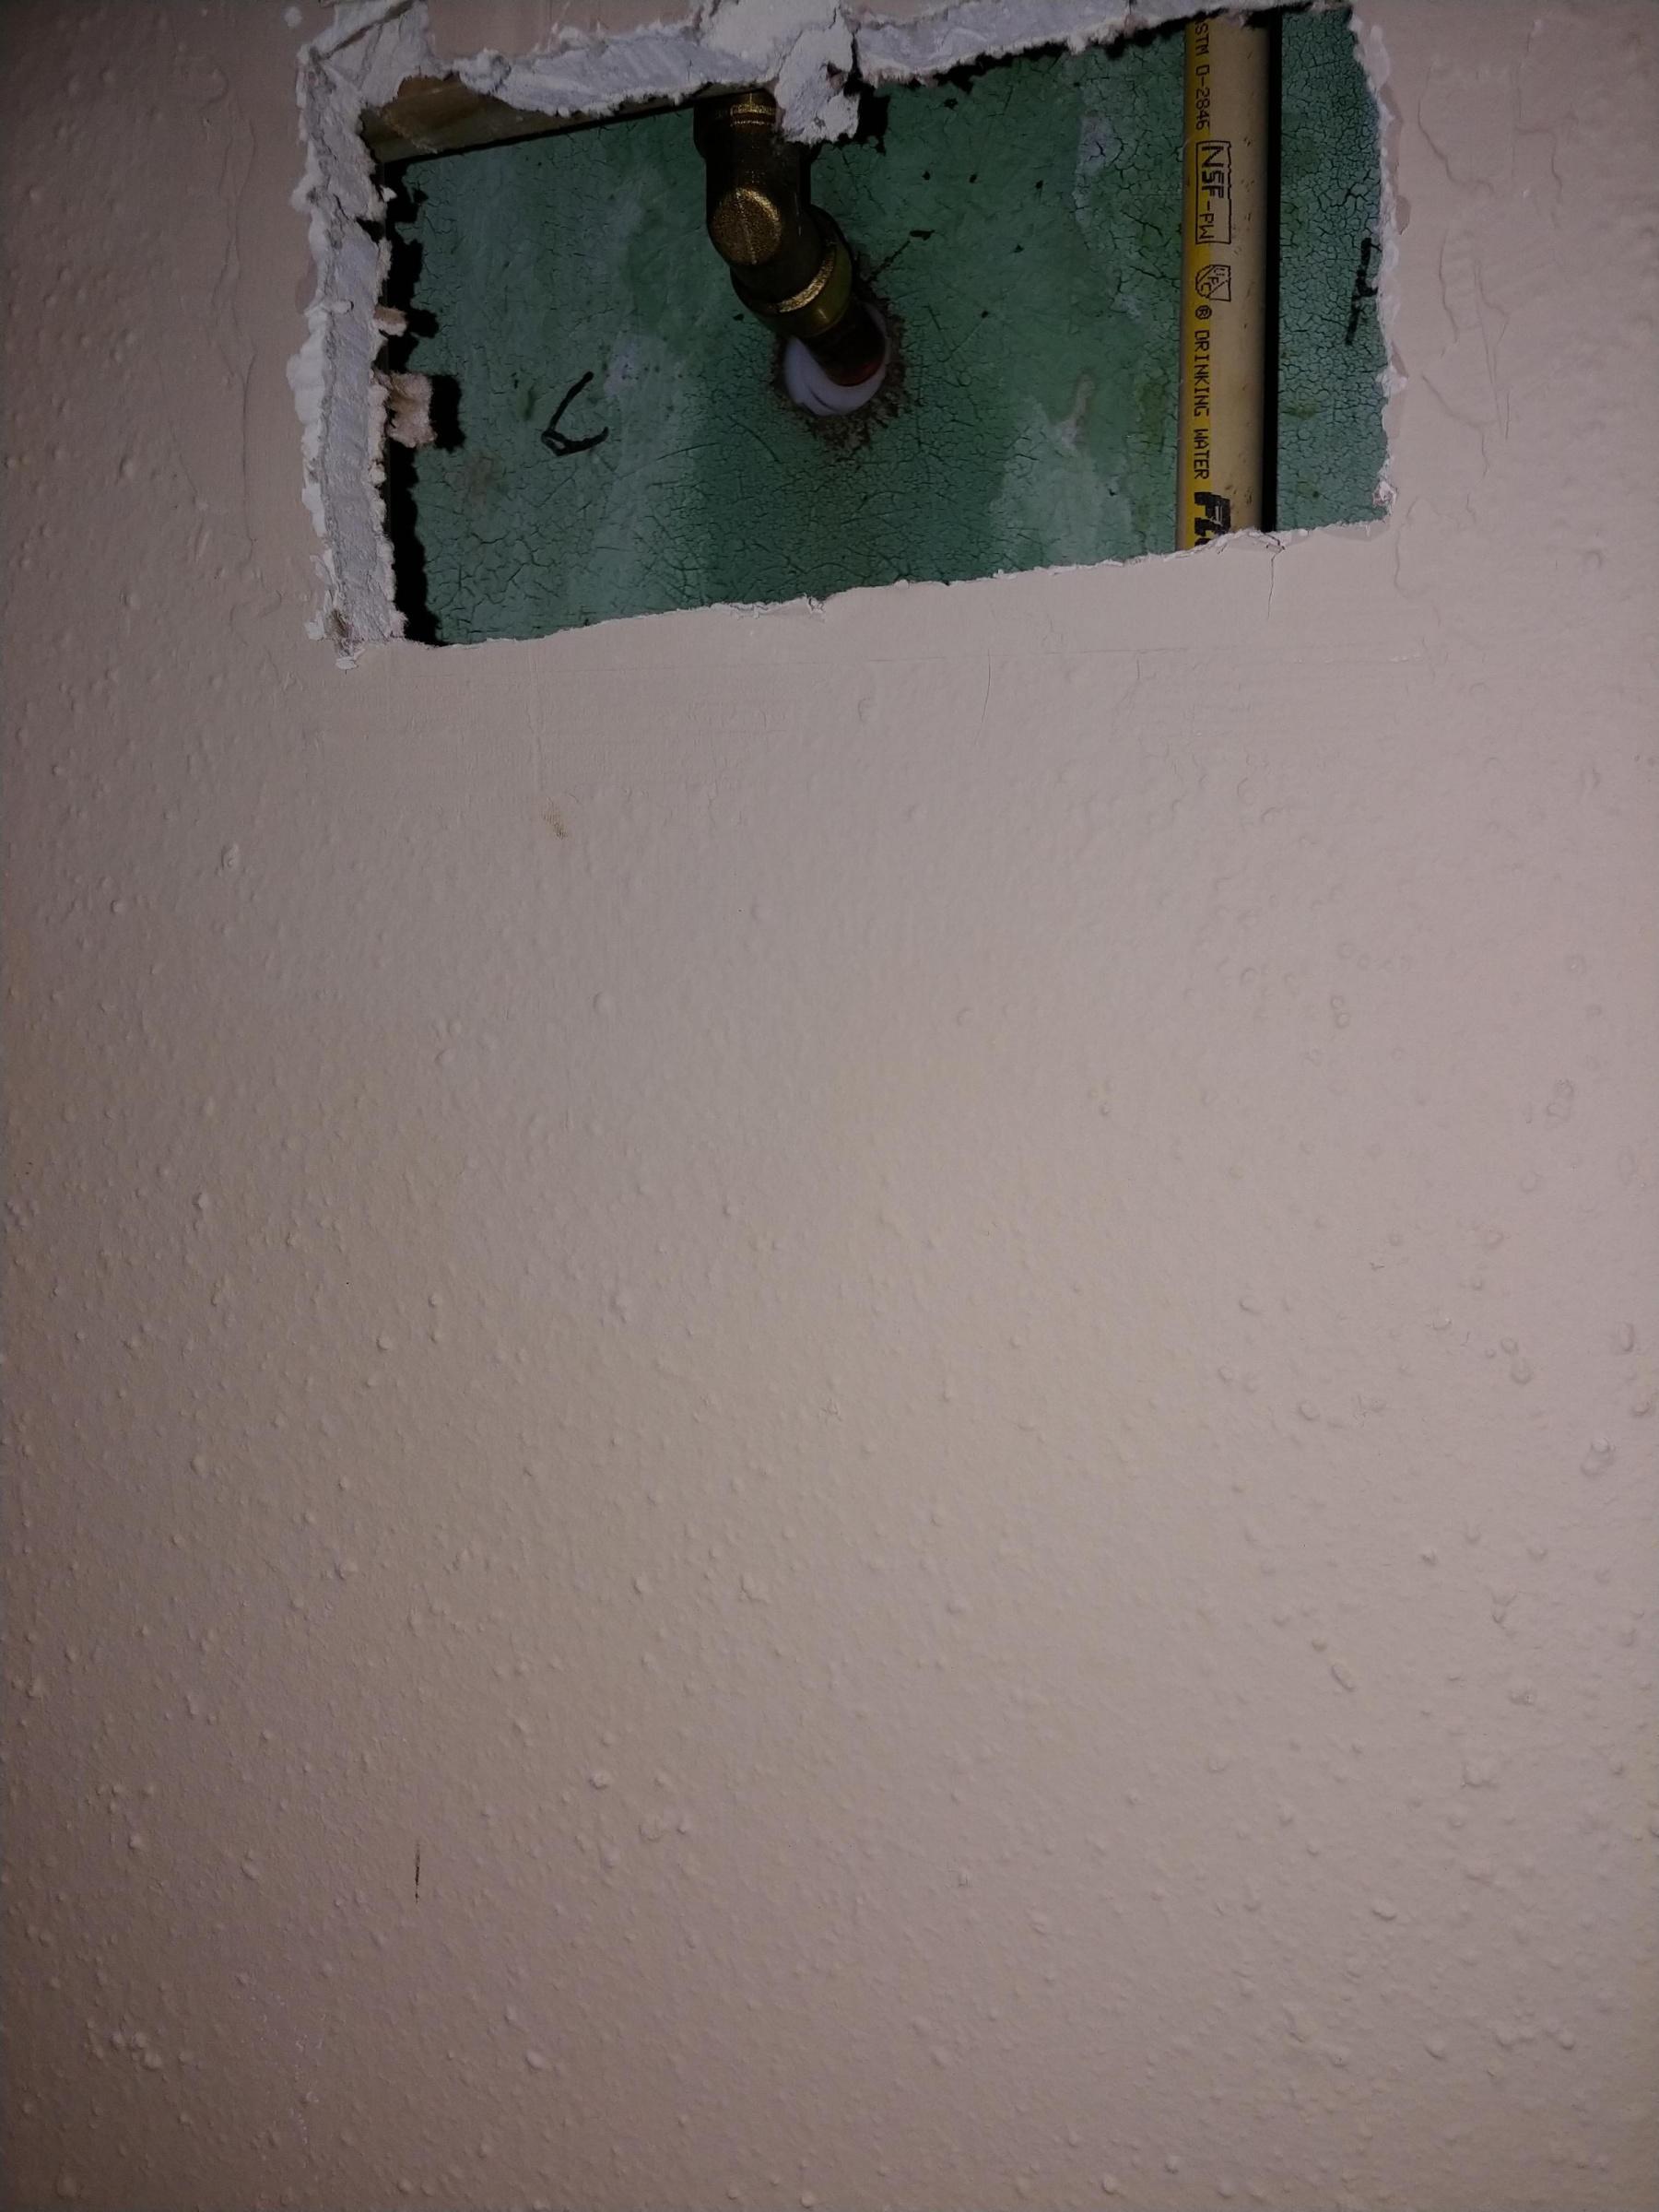 Tub spout won't tighten-0209192152b_1549767512594.jpg